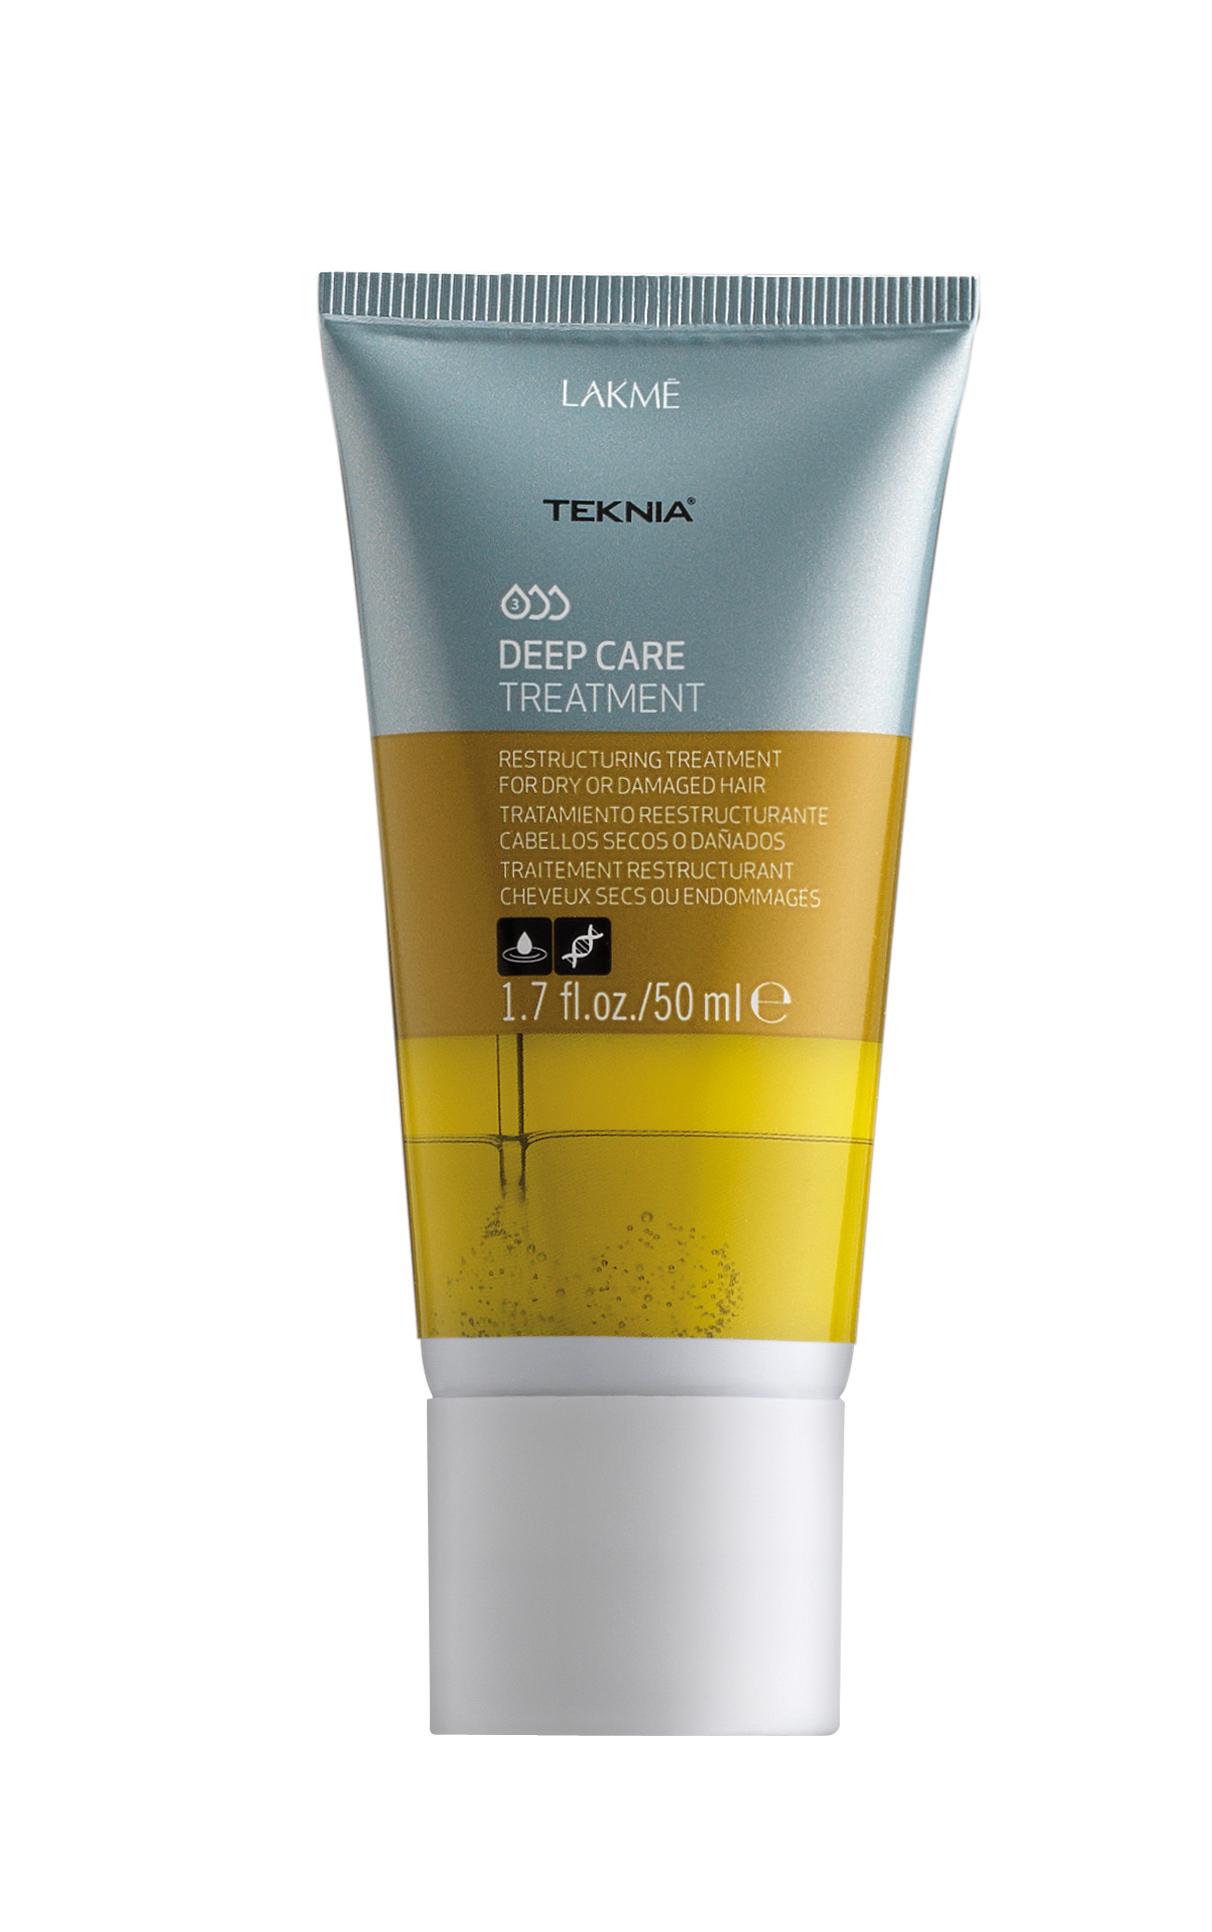 Lakme Интенсивное восстанавливающее средство для сухих или поврежденных волос Treatment, 50 мл14223Абиссинское масло глубоко питает, укрепляет и далет волосы шелковистыми и невероятно легкими. Придает бриллиантовый блеск. Керамиды укрепляют и восстанавливают поврежденные участки волос, сохраняя их натуральные свойства. Облегчает укладку волос.Интенсивное восстанавливающее средство для сухих или поврежденных волос Lakme Teknia Deep Care Treatment содержит WAA™ – комплекс растительных аминокислот, ухаживающий за волосами и оказывающий глубокое воздействие изнутри.